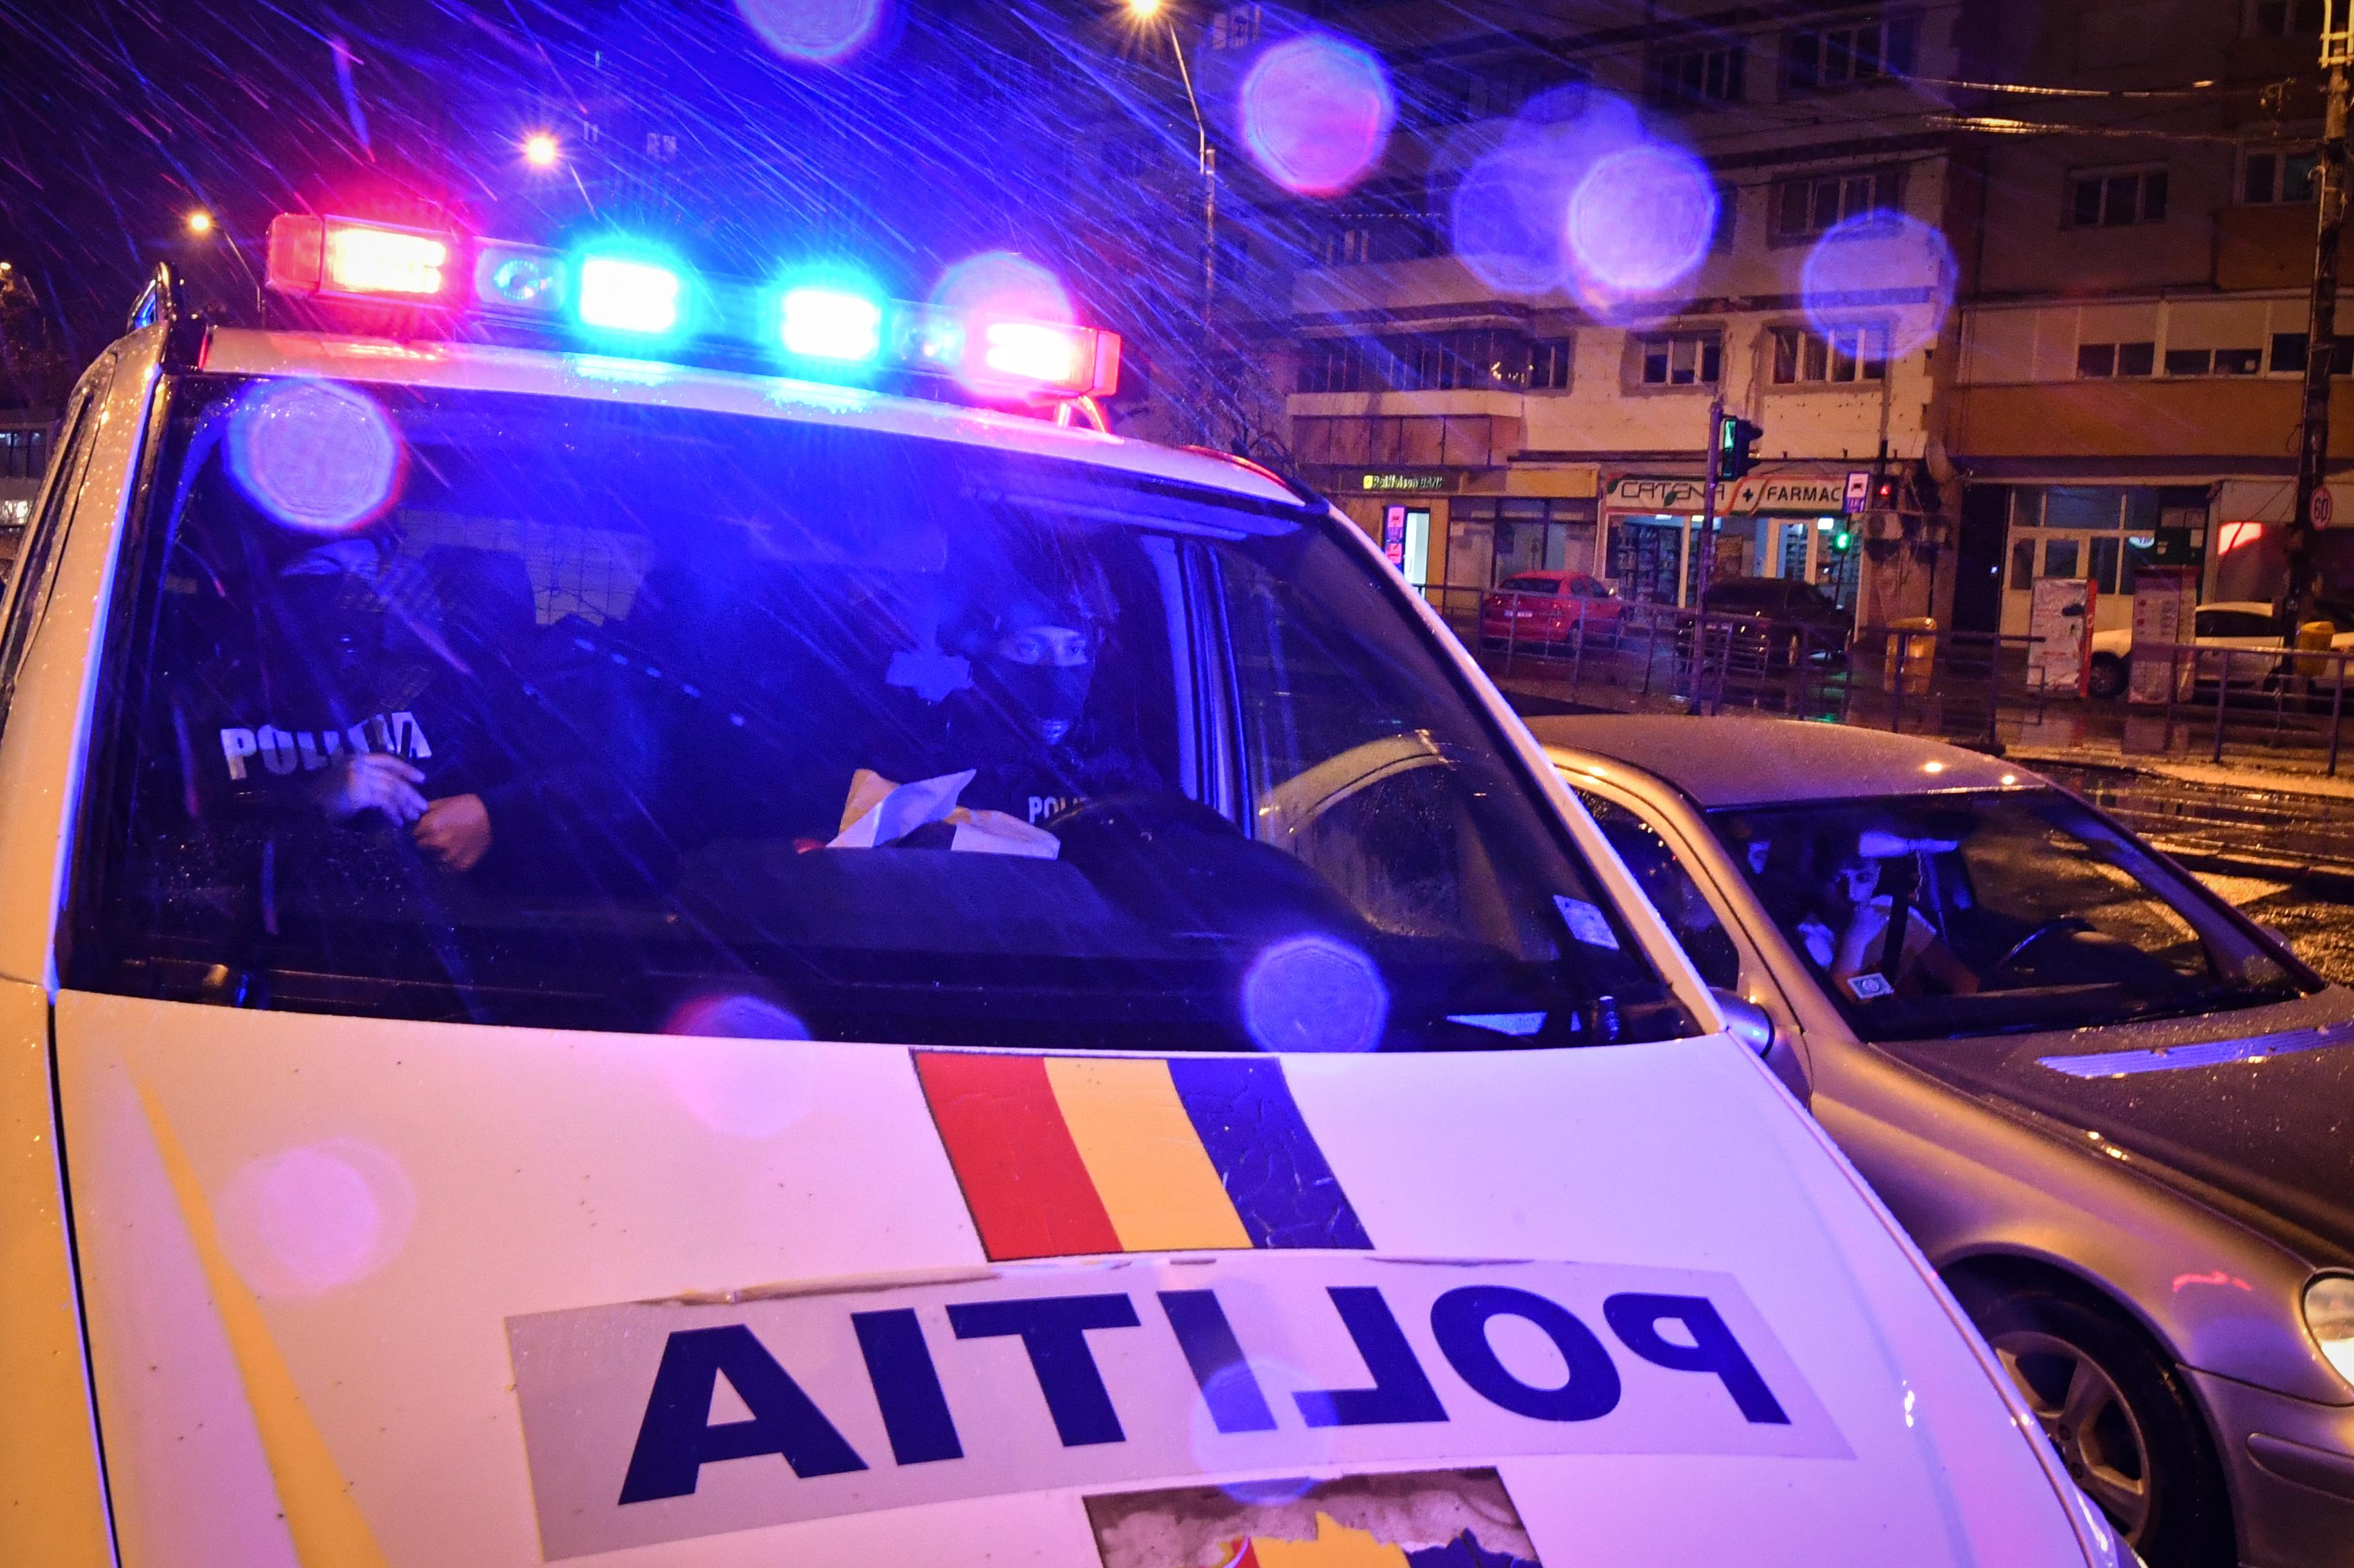 Hétvégente kötelezően a román himnuszt játsszák a román rendőrautók